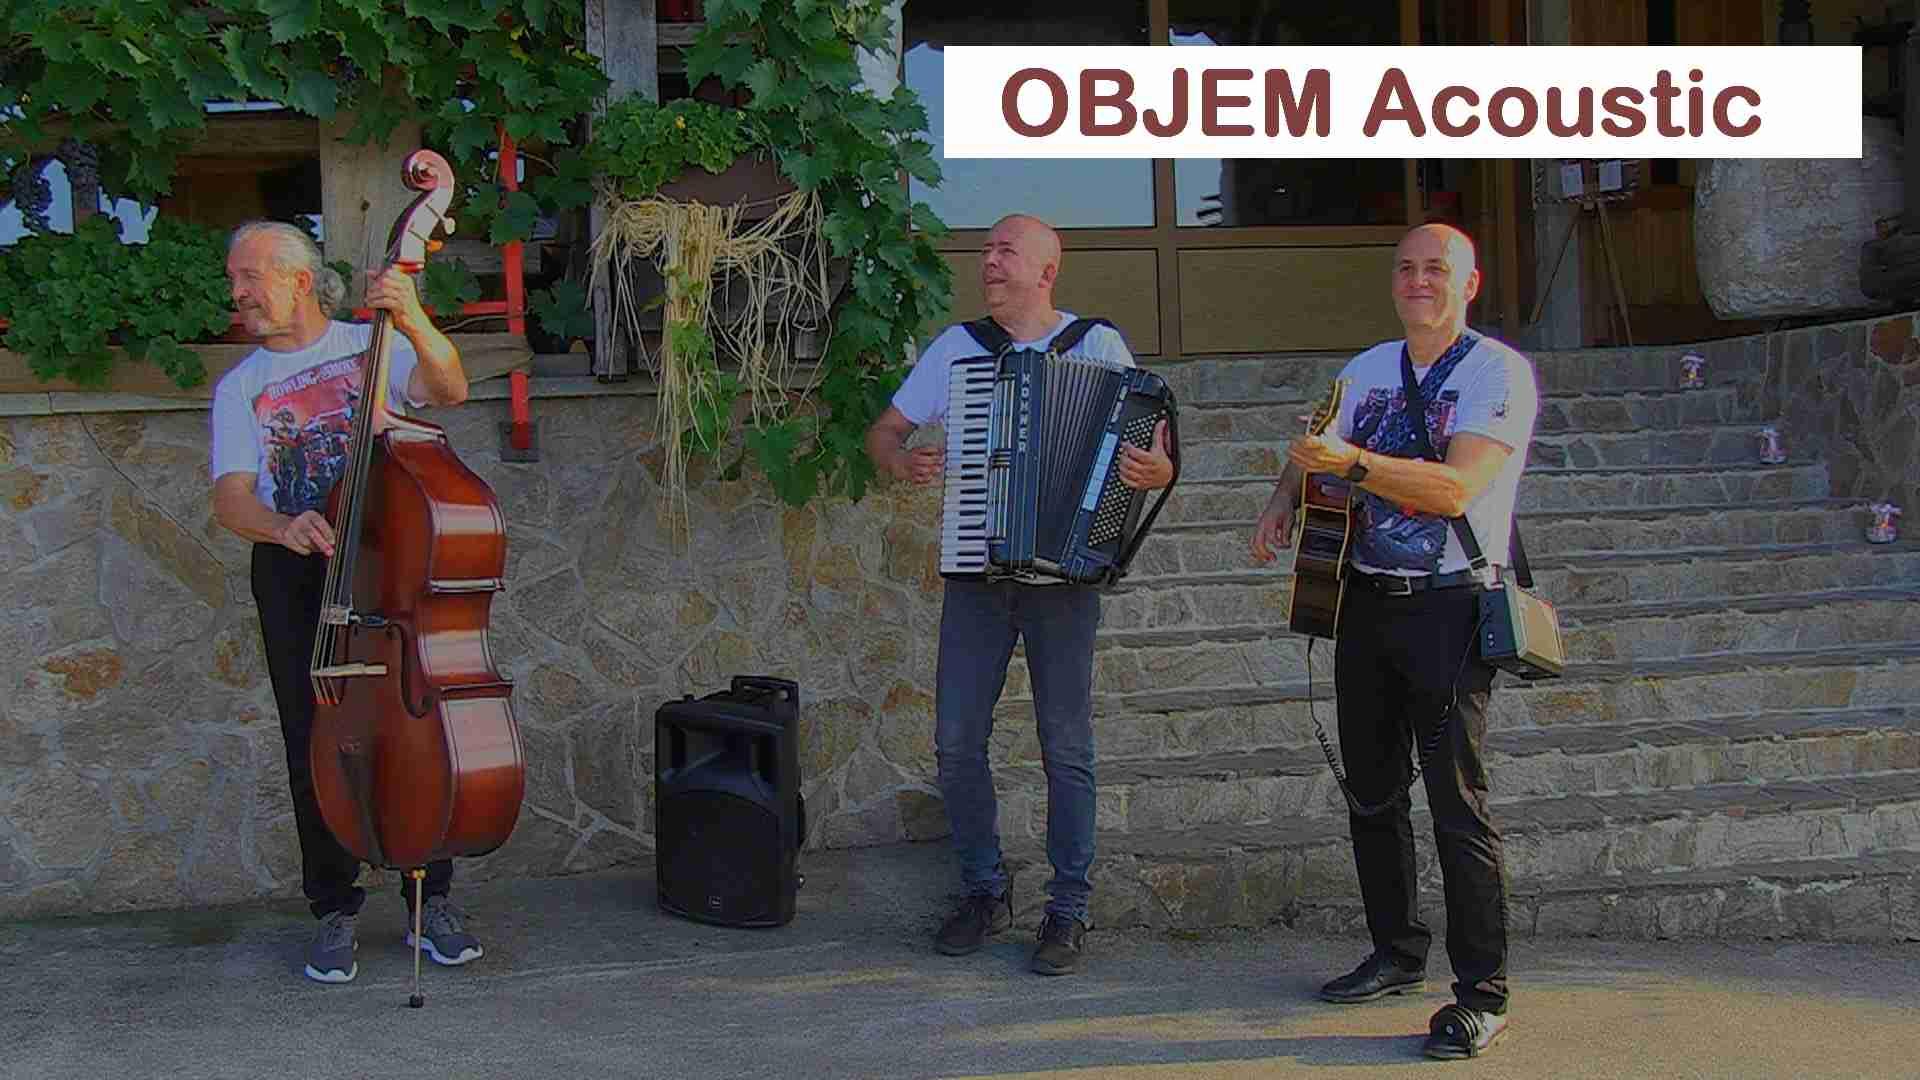 Akustična glasbena skupina OBJEMacousti akustični band akustična glasba